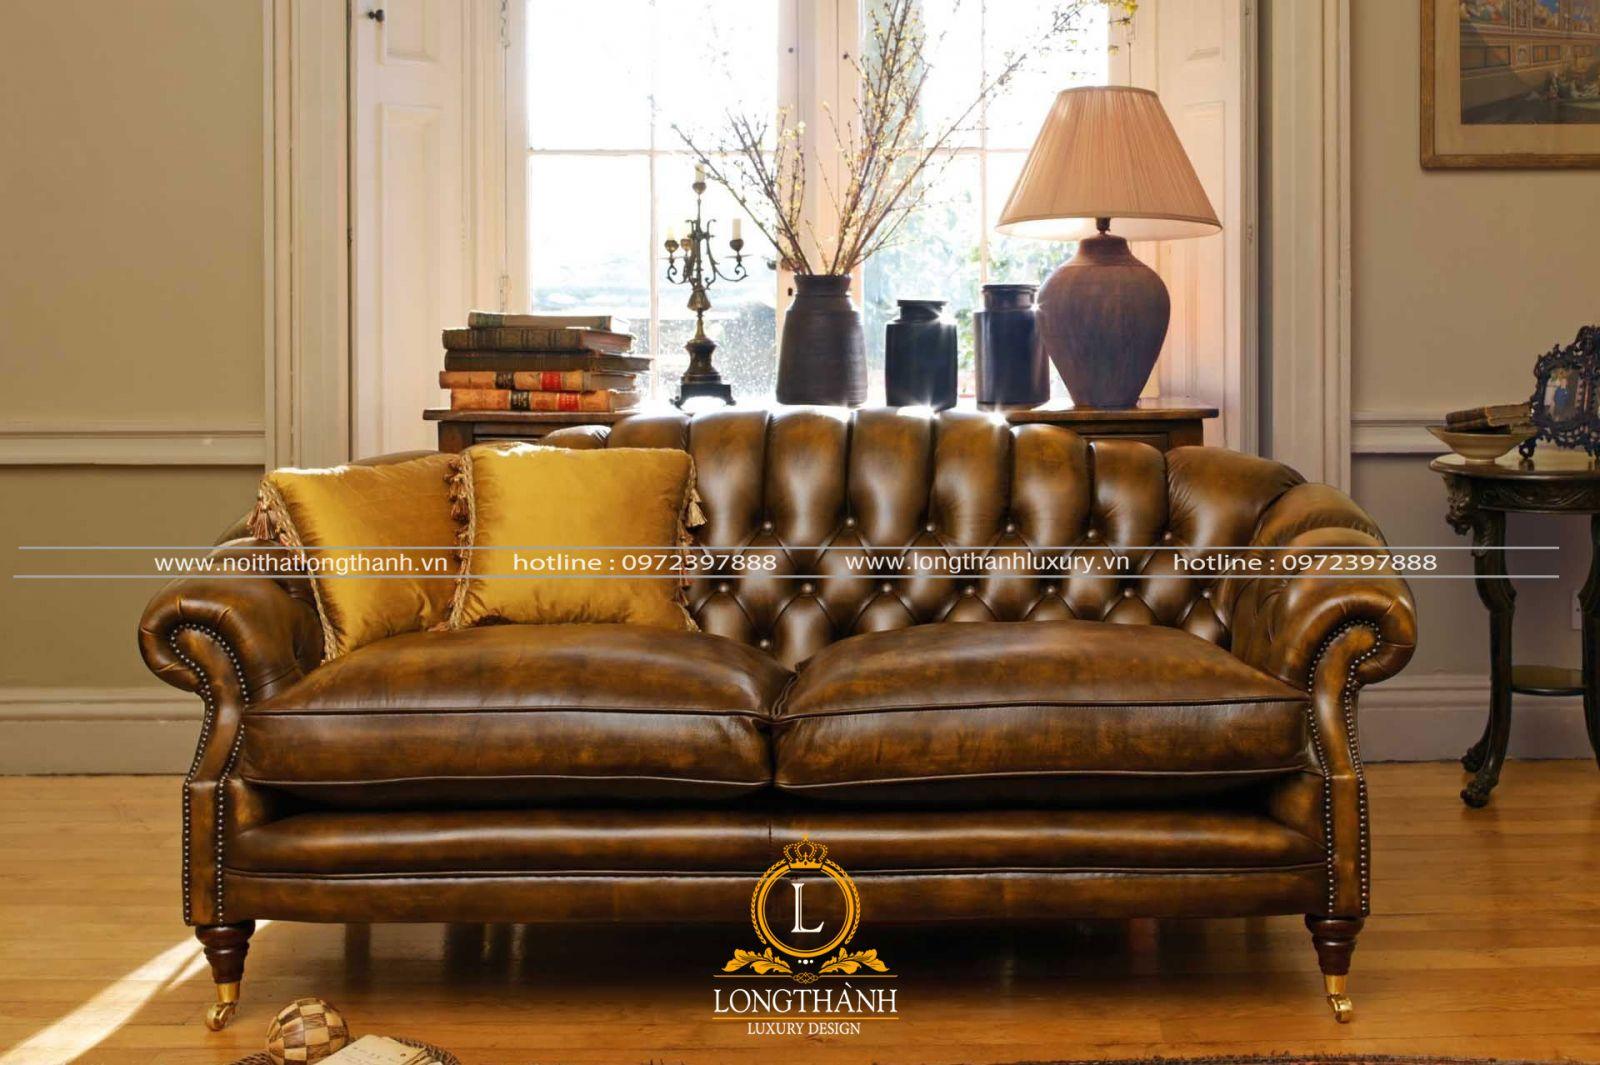 Sofa cổ điển bọc da có độ bề đẹp theo thời gian